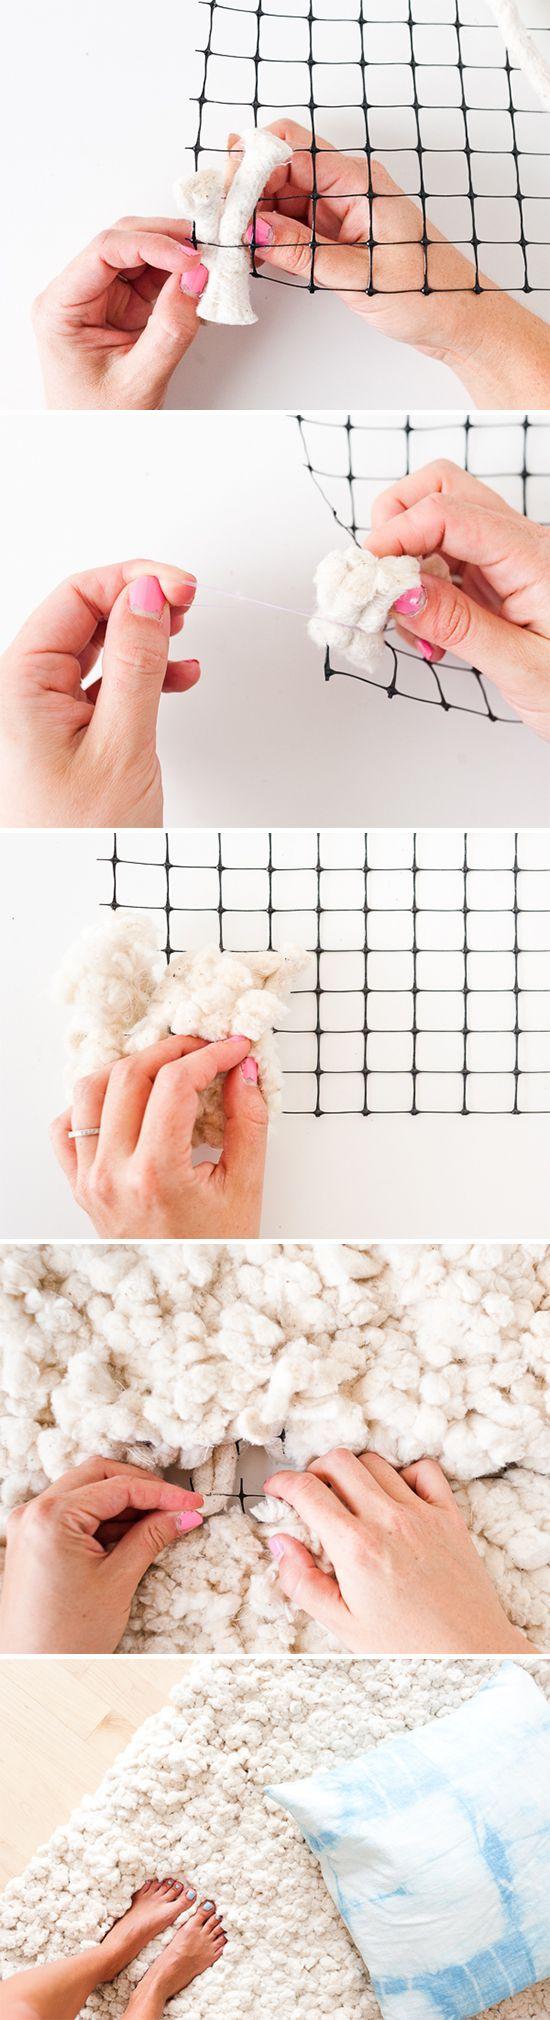 Comment fabriquer un tapis cocooning en morceaux de laine à partir d'une grille métallique pour un intérieur scandinave et hygge.